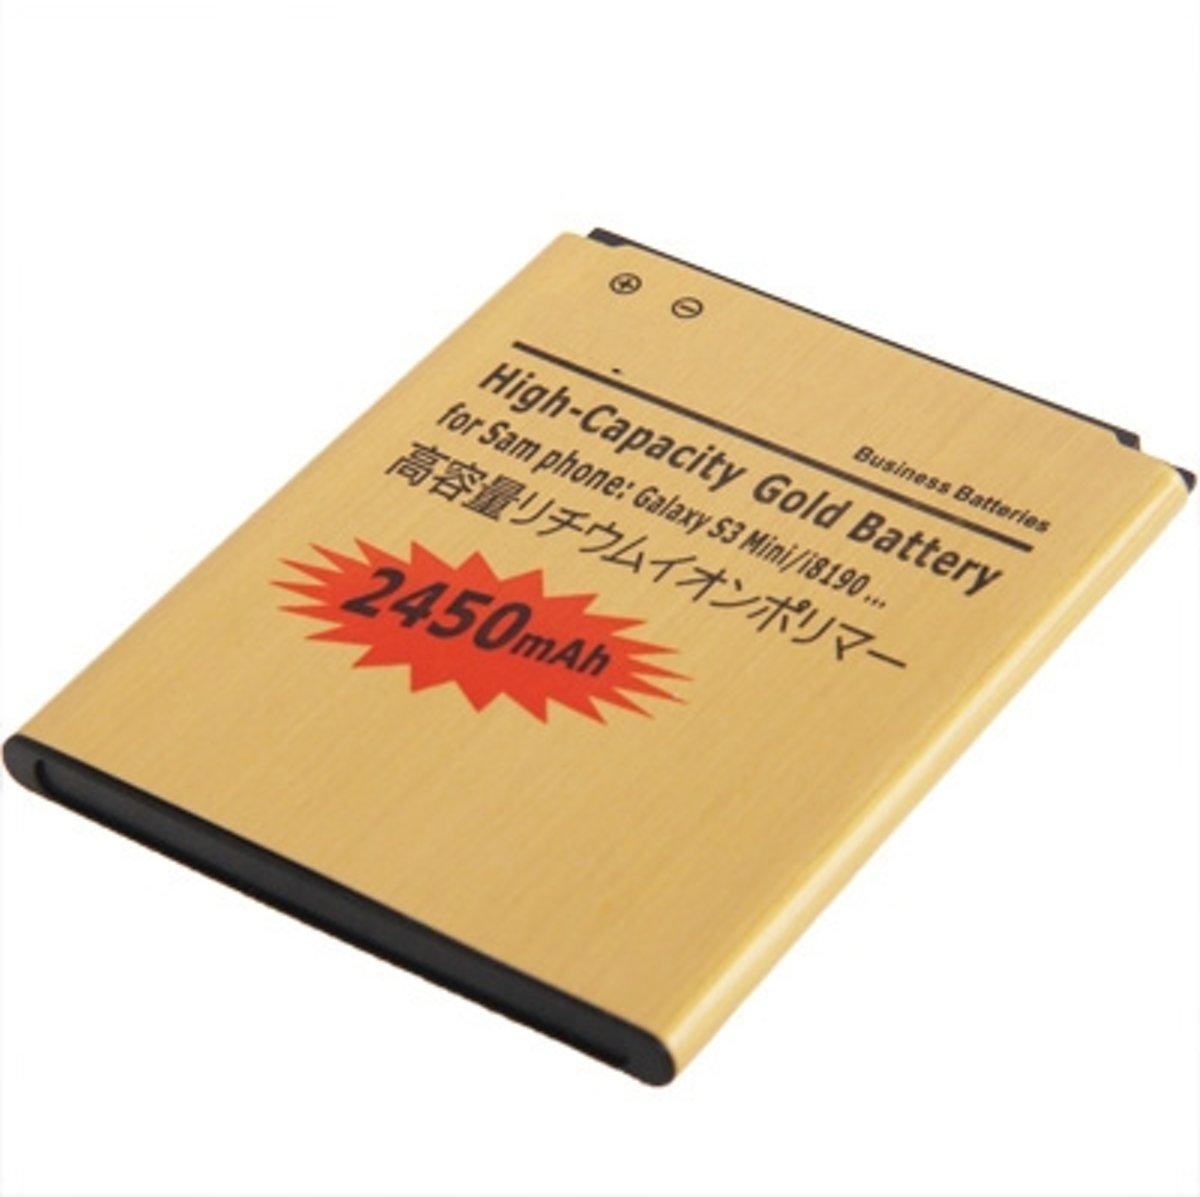 2450mAh hoge capaciteit Gold Business batterij voor Galaxy SIII mini / i8190 kopen